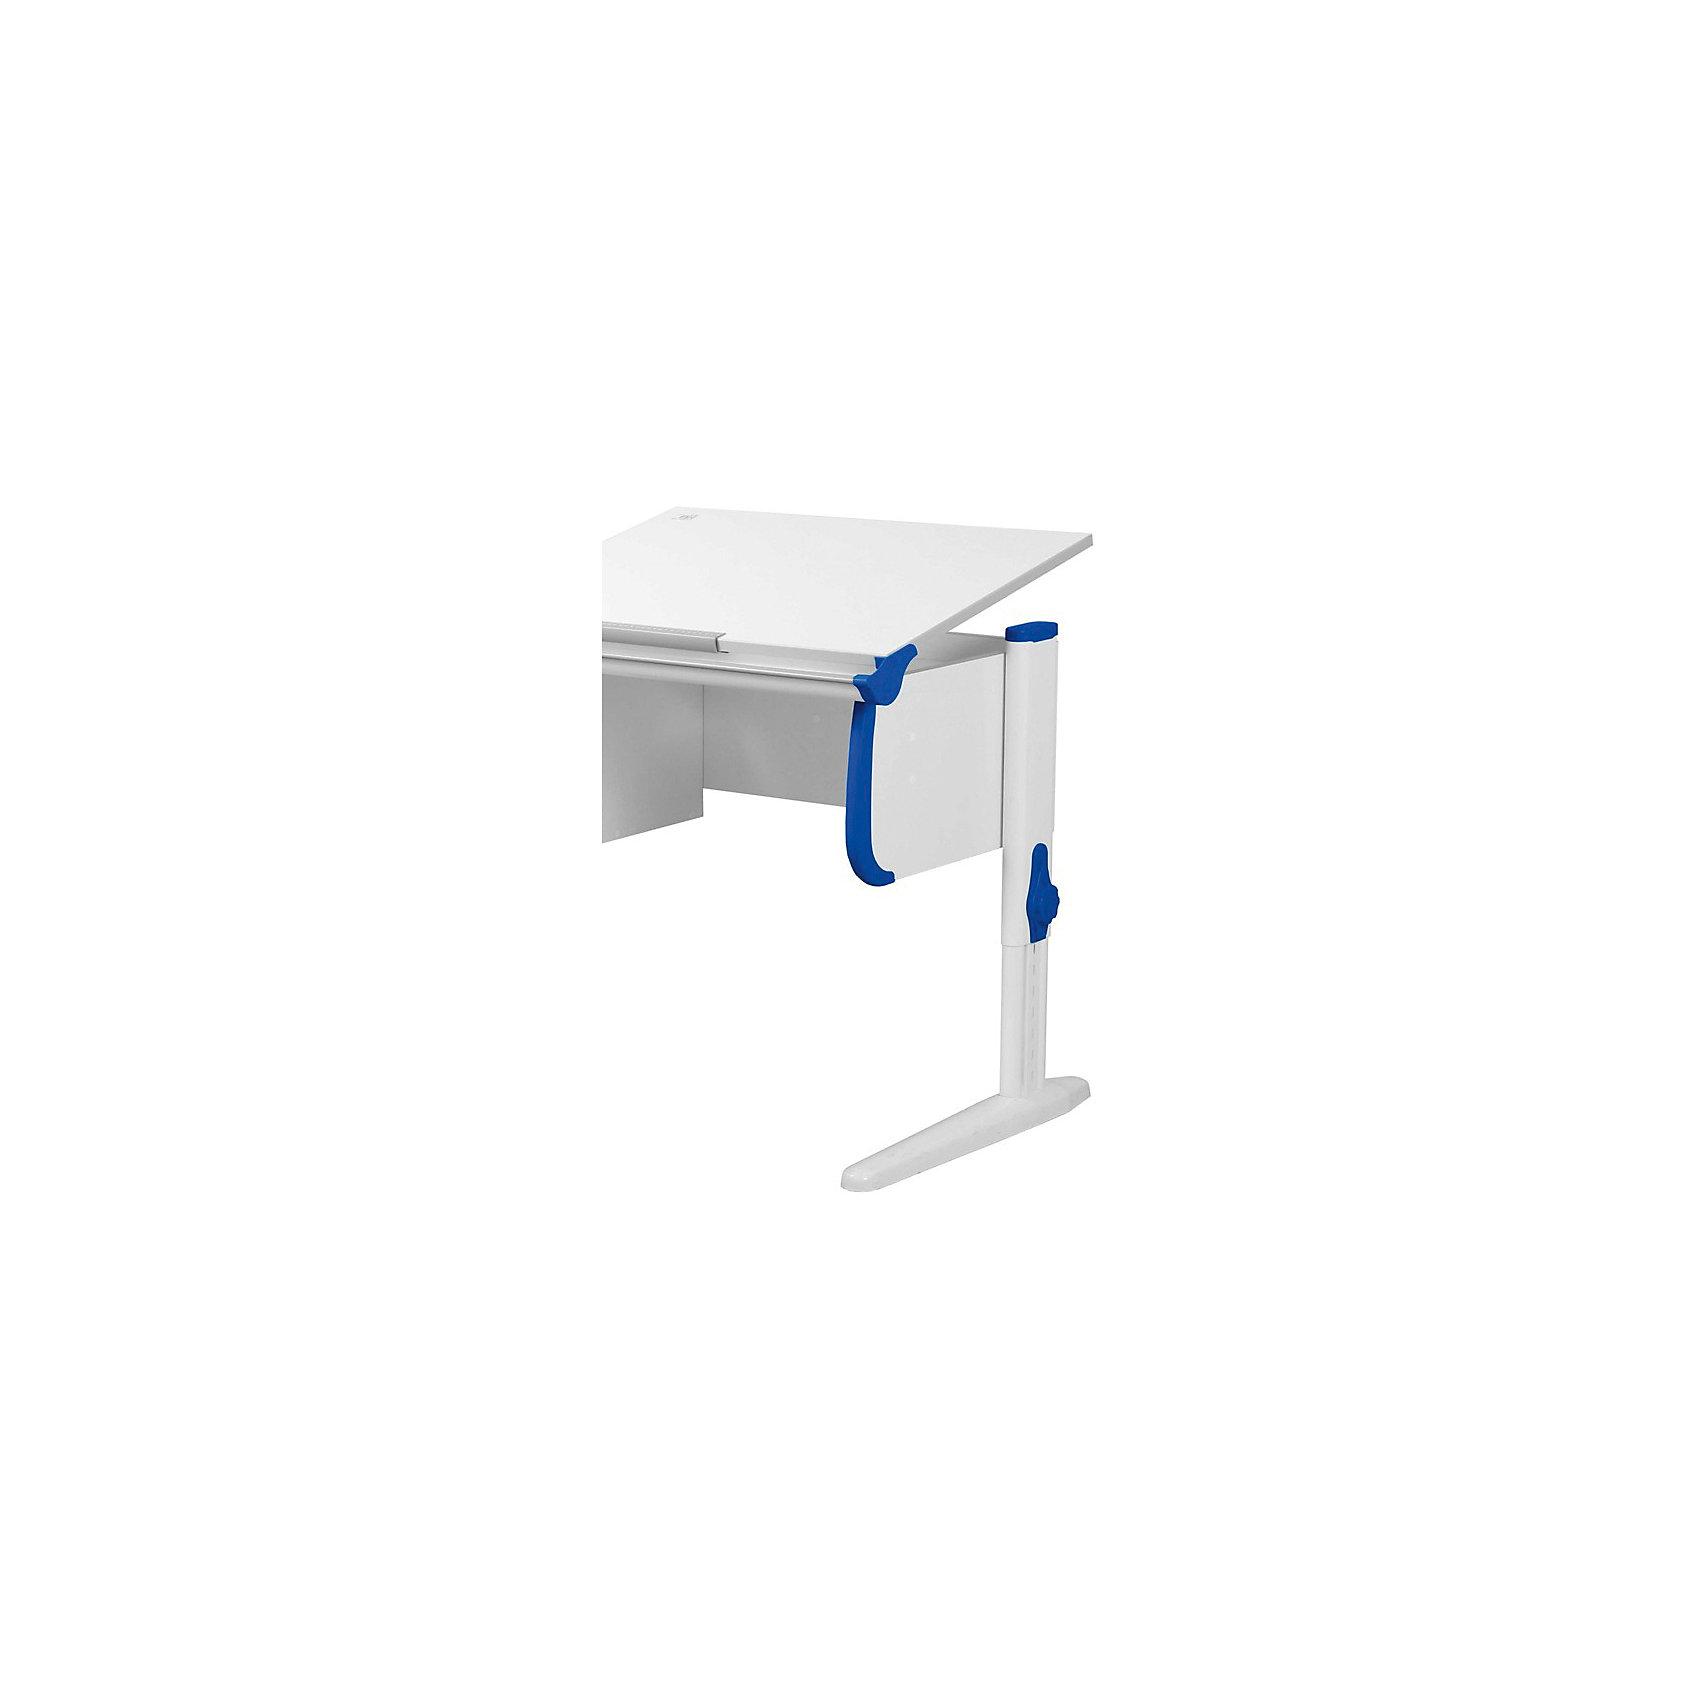 Комплект декоративных элементов ДЭП.03, Дэми, синий